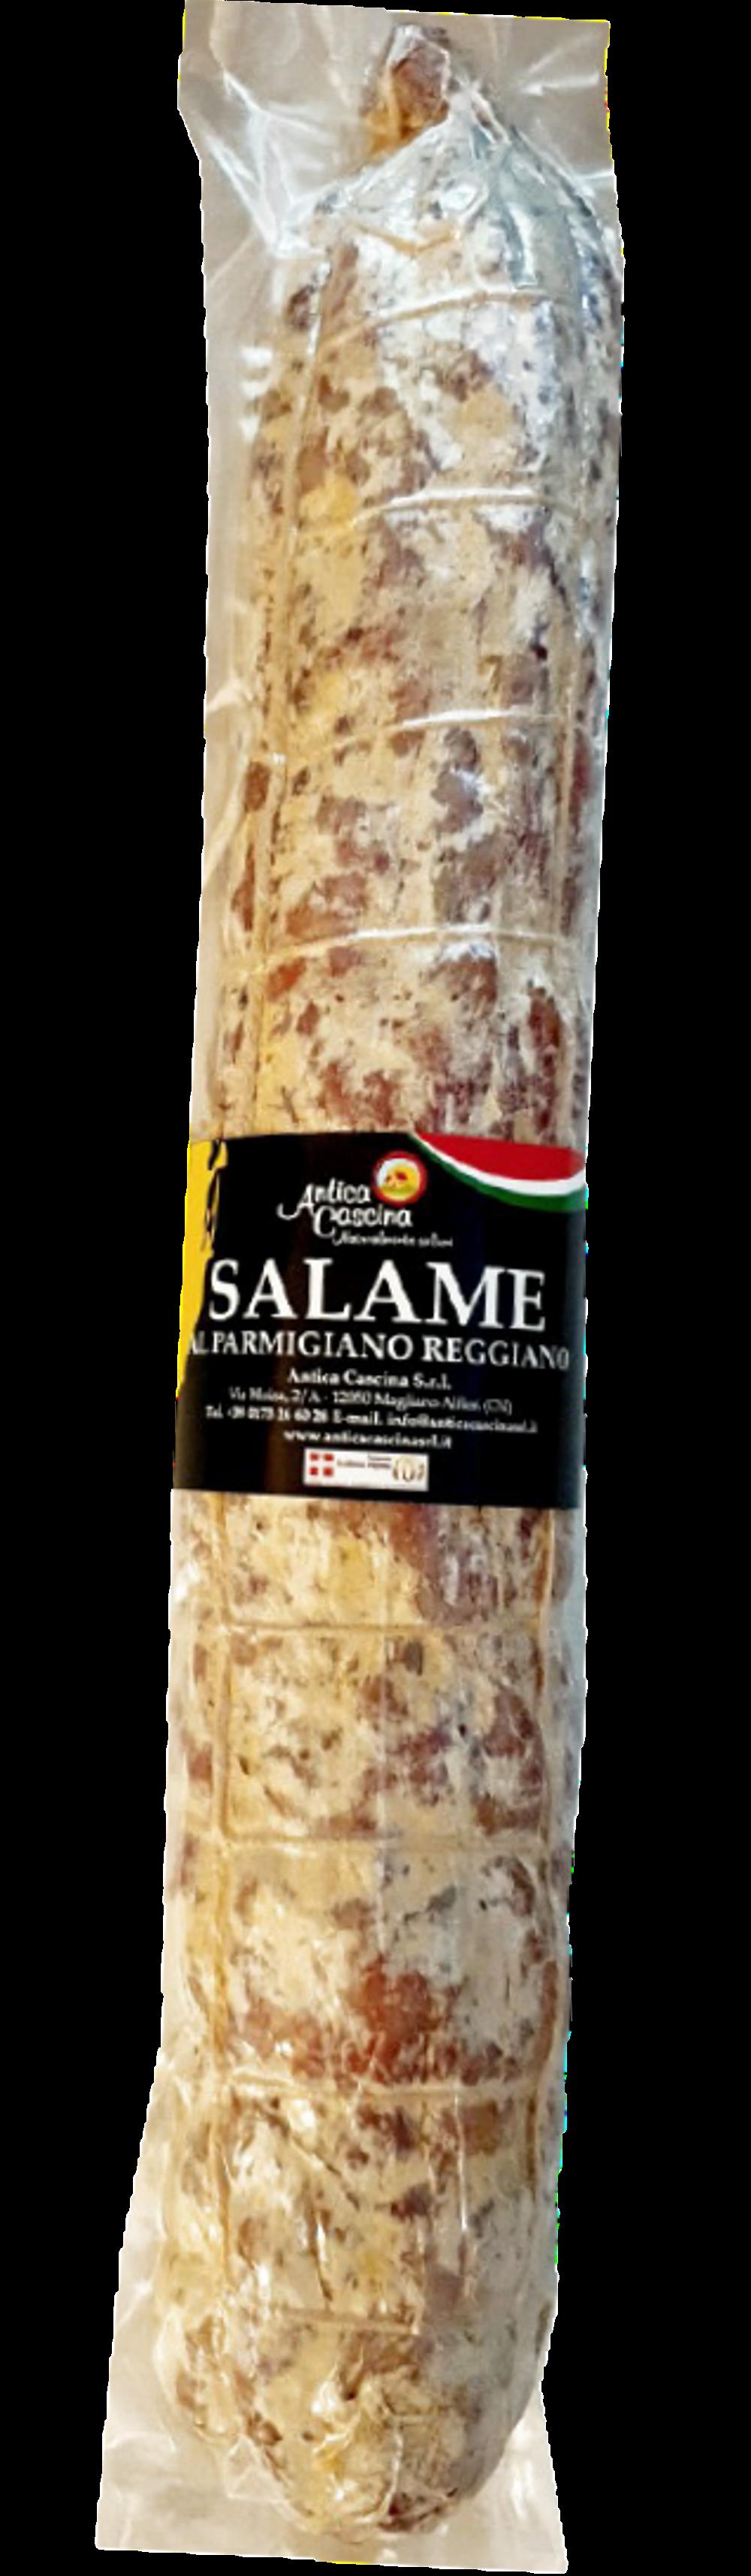 Gårdssalami smaksatt med Parmigiano Reggiano D.O.P